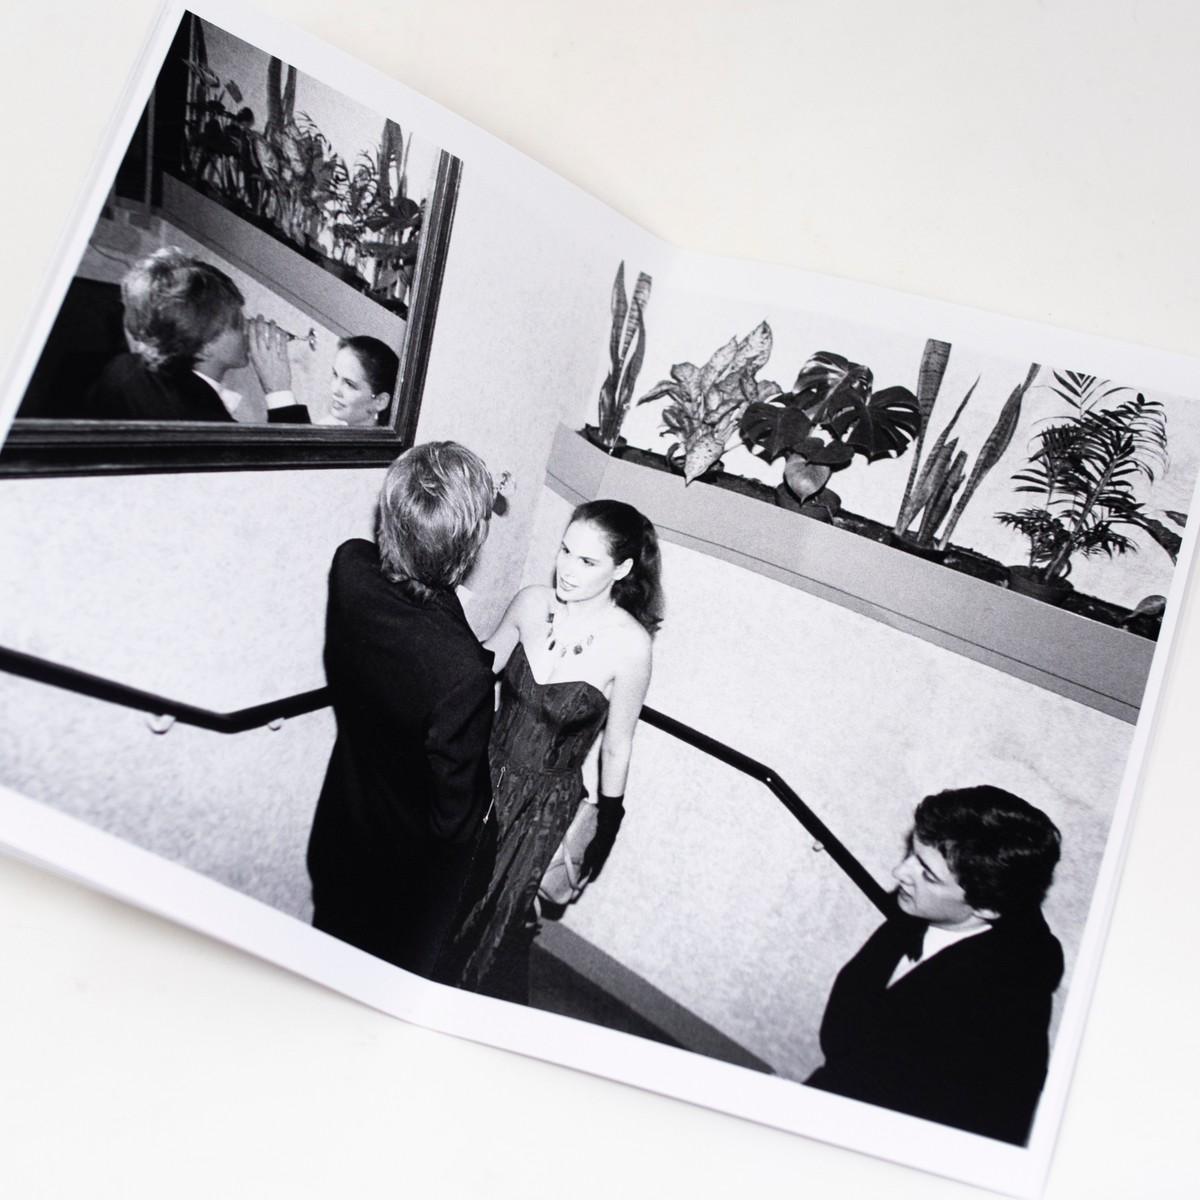 Photo of Sloanes and Rahs Photozine